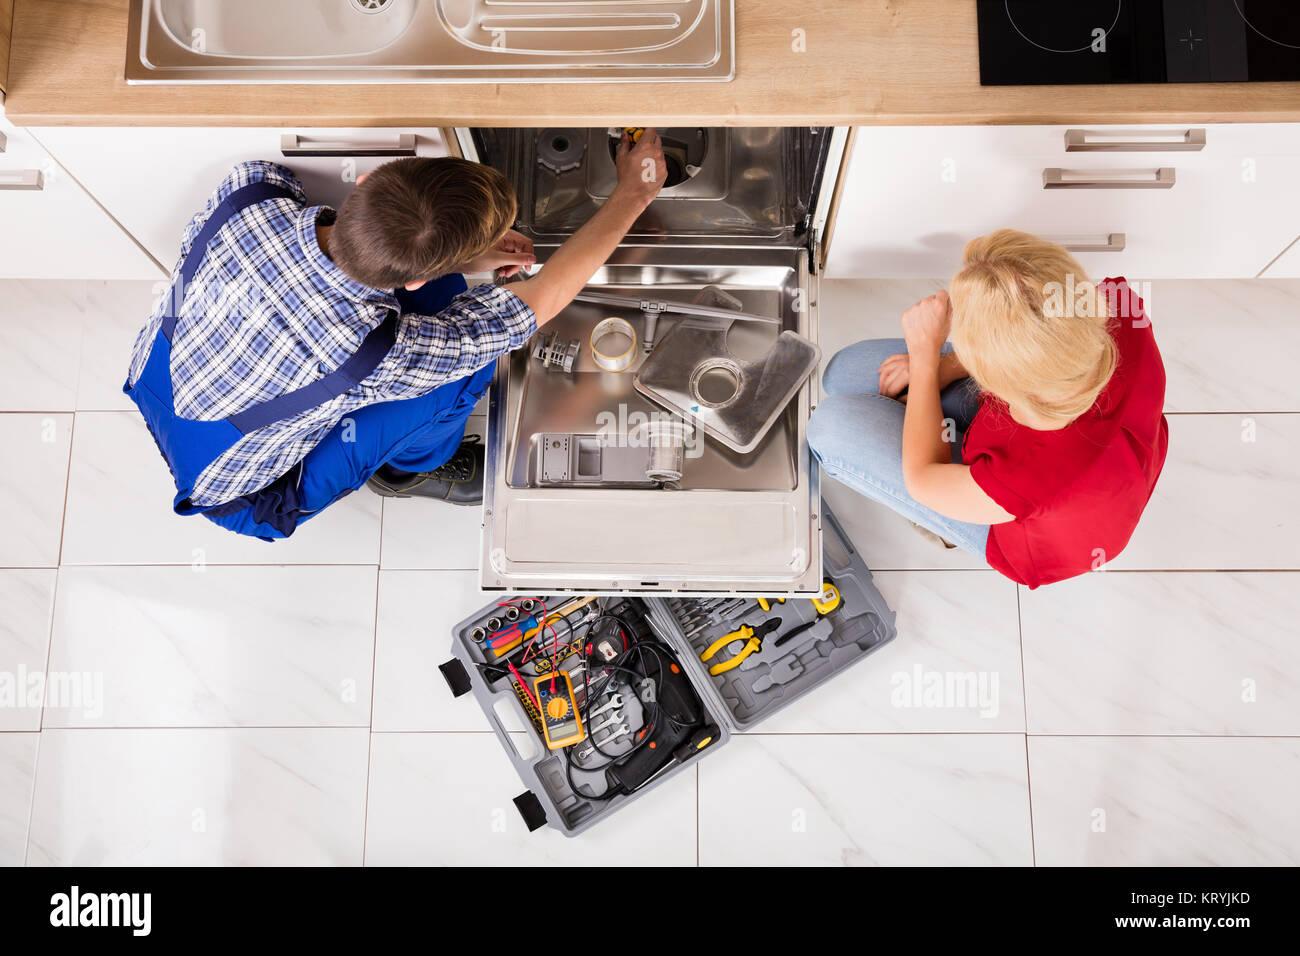 Woman Looking At Repairman Repairing Dishwasher - Stock Image